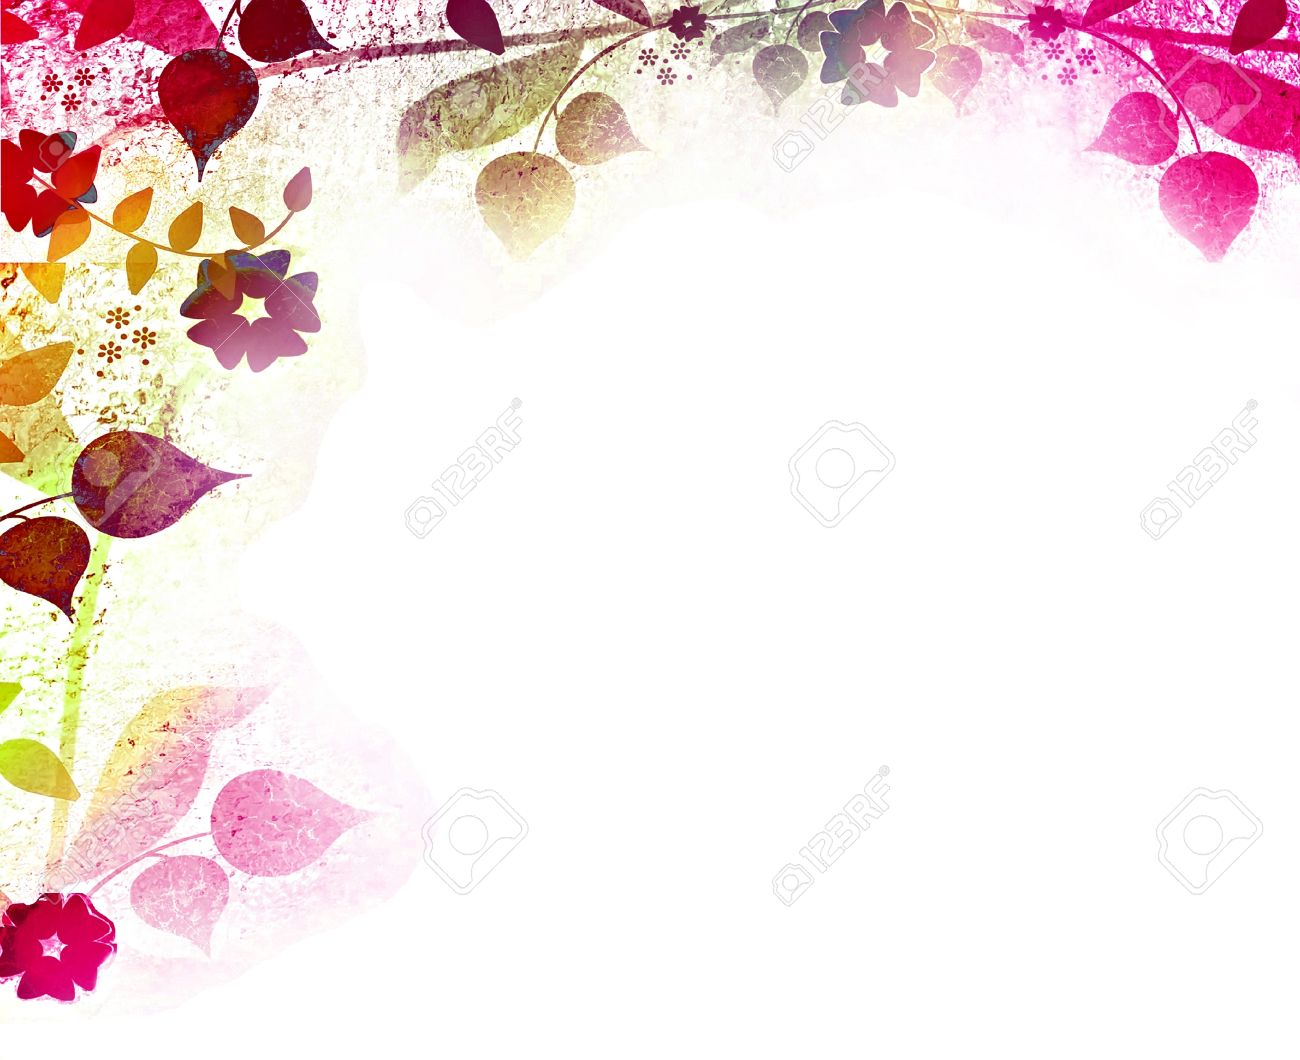 Floral vintage background - Floral Vintage Background Stock Photo 15138197